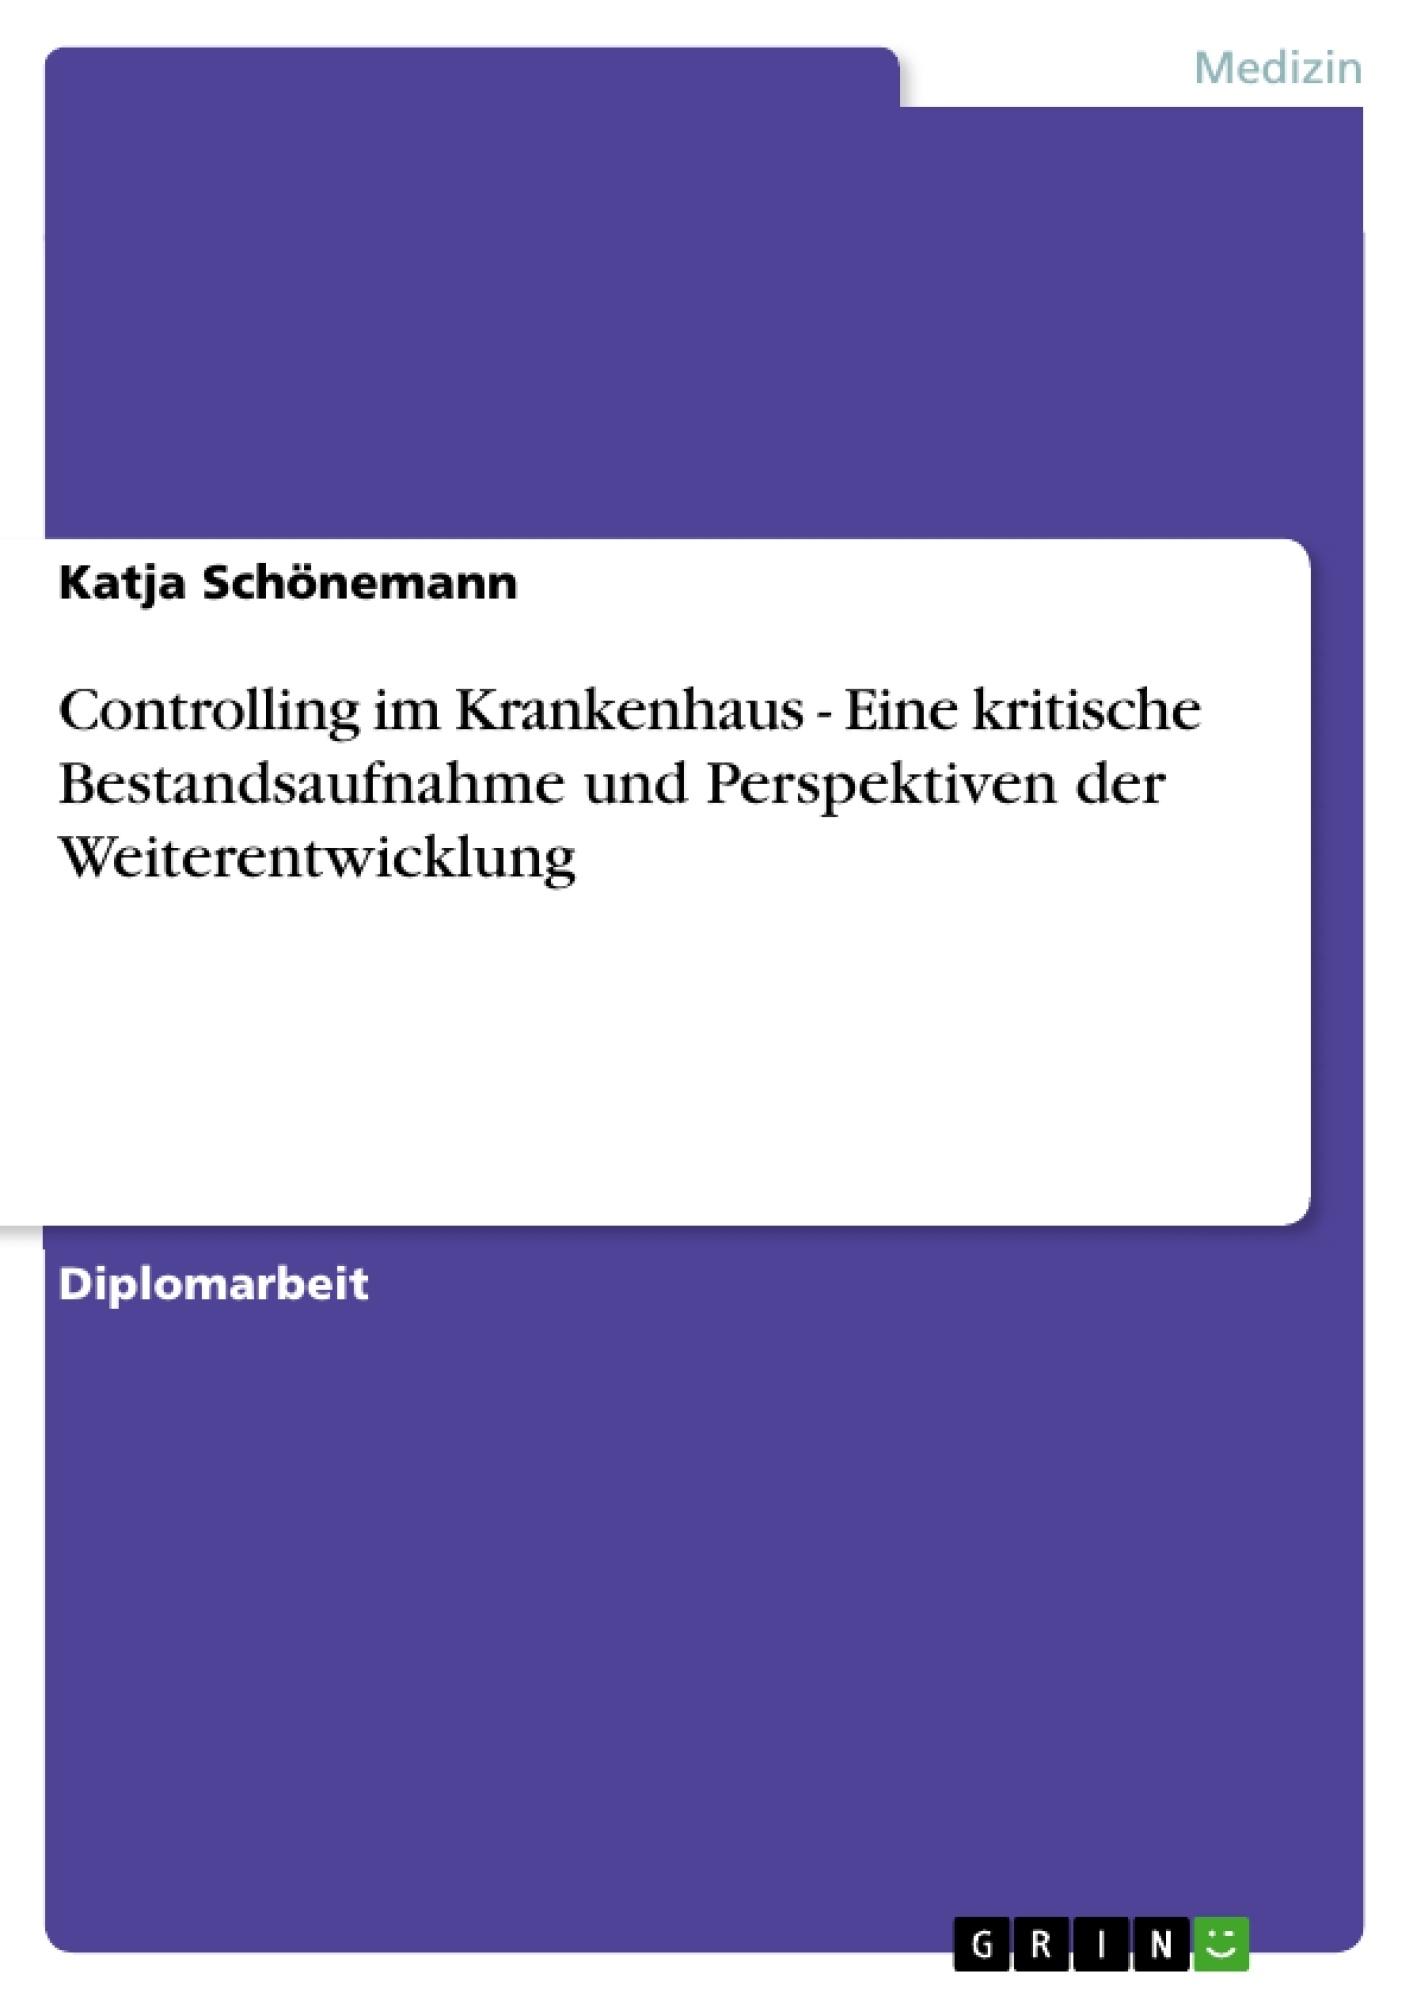 Titel: Controlling im Krankenhaus - Eine kritische Bestandsaufnahme und  Perspektiven der Weiterentwicklung